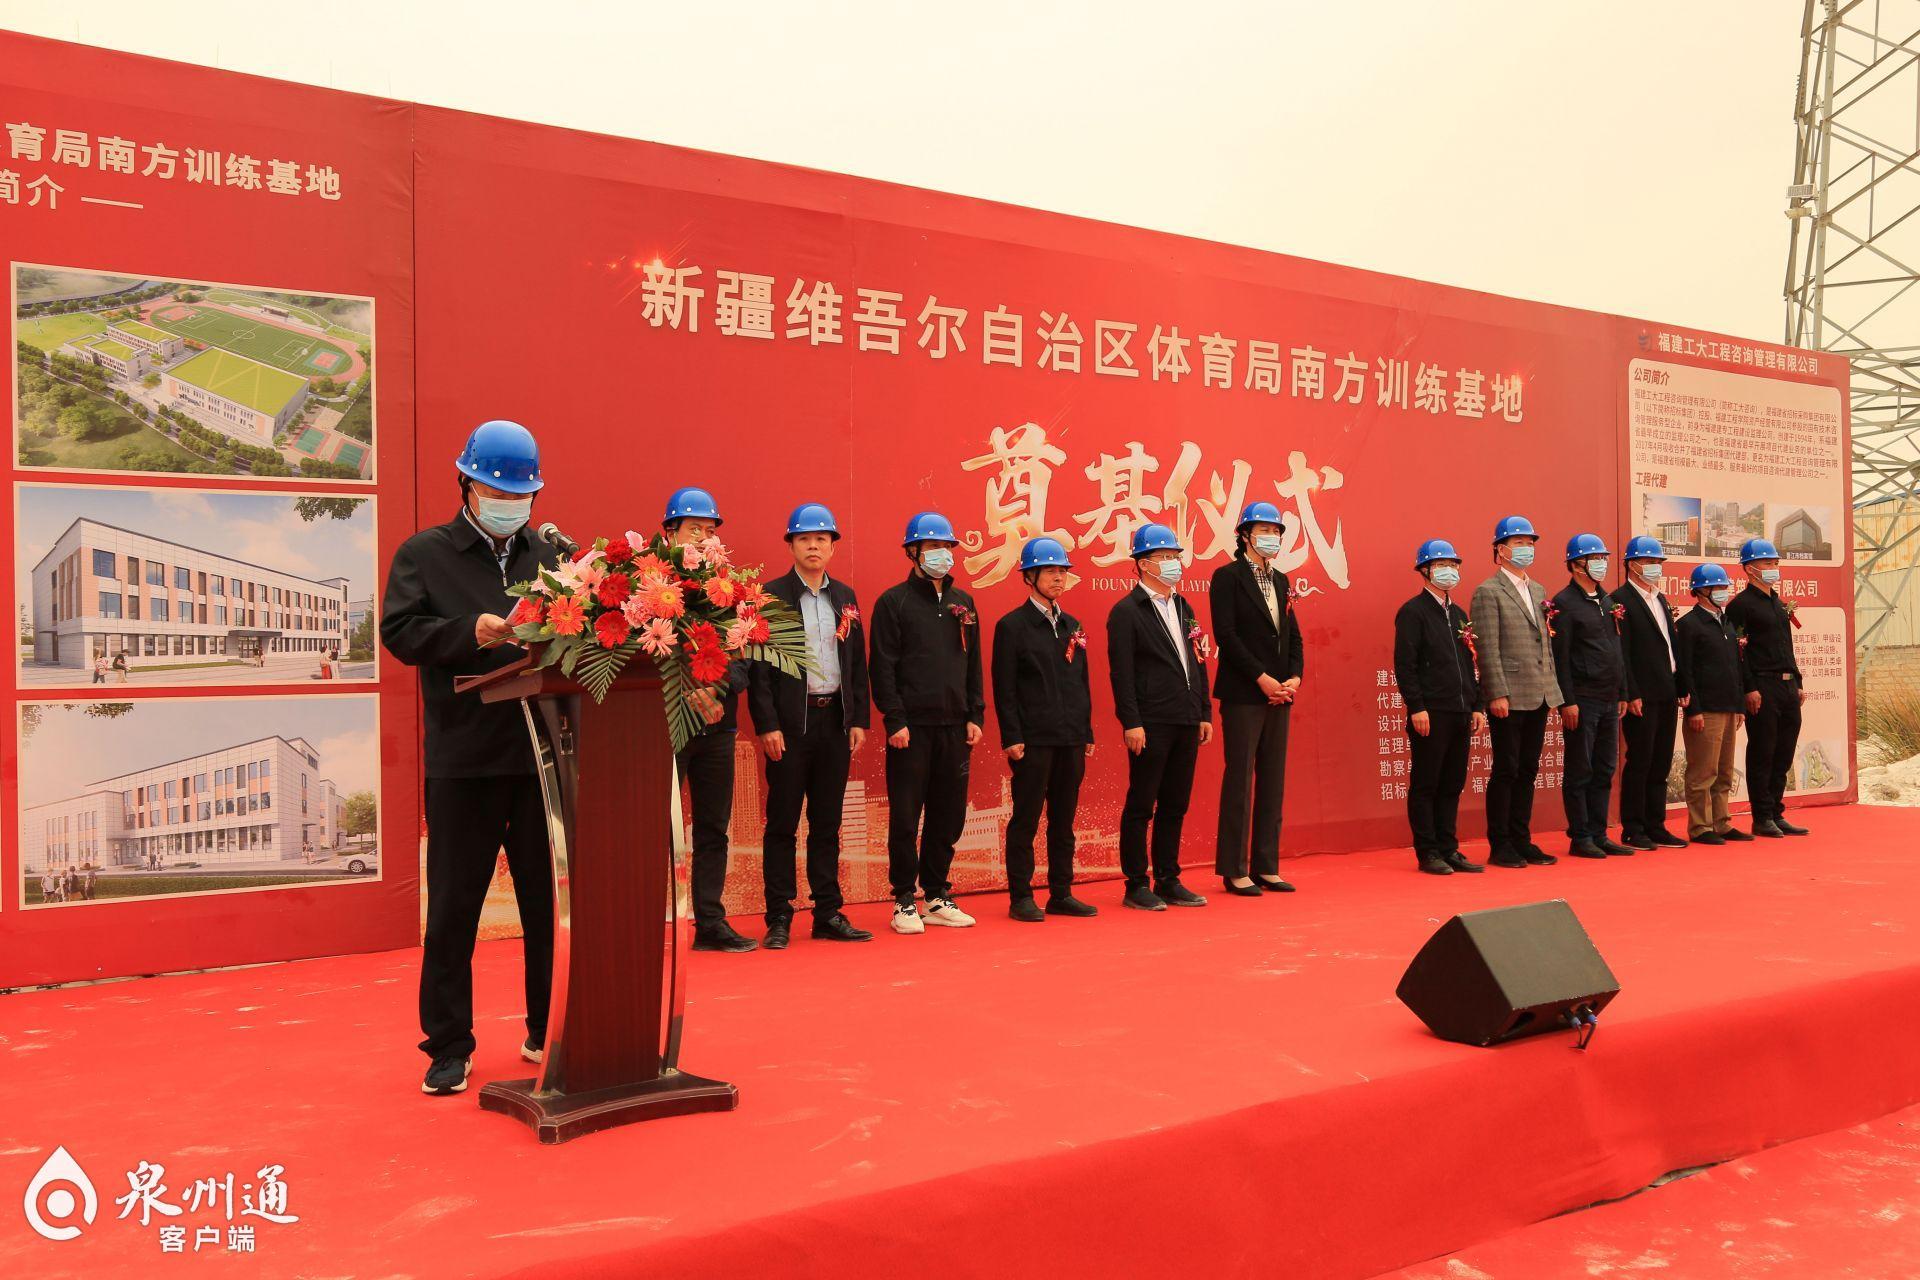 新疆体育局南方训练基地在晋江市东石镇正式开工